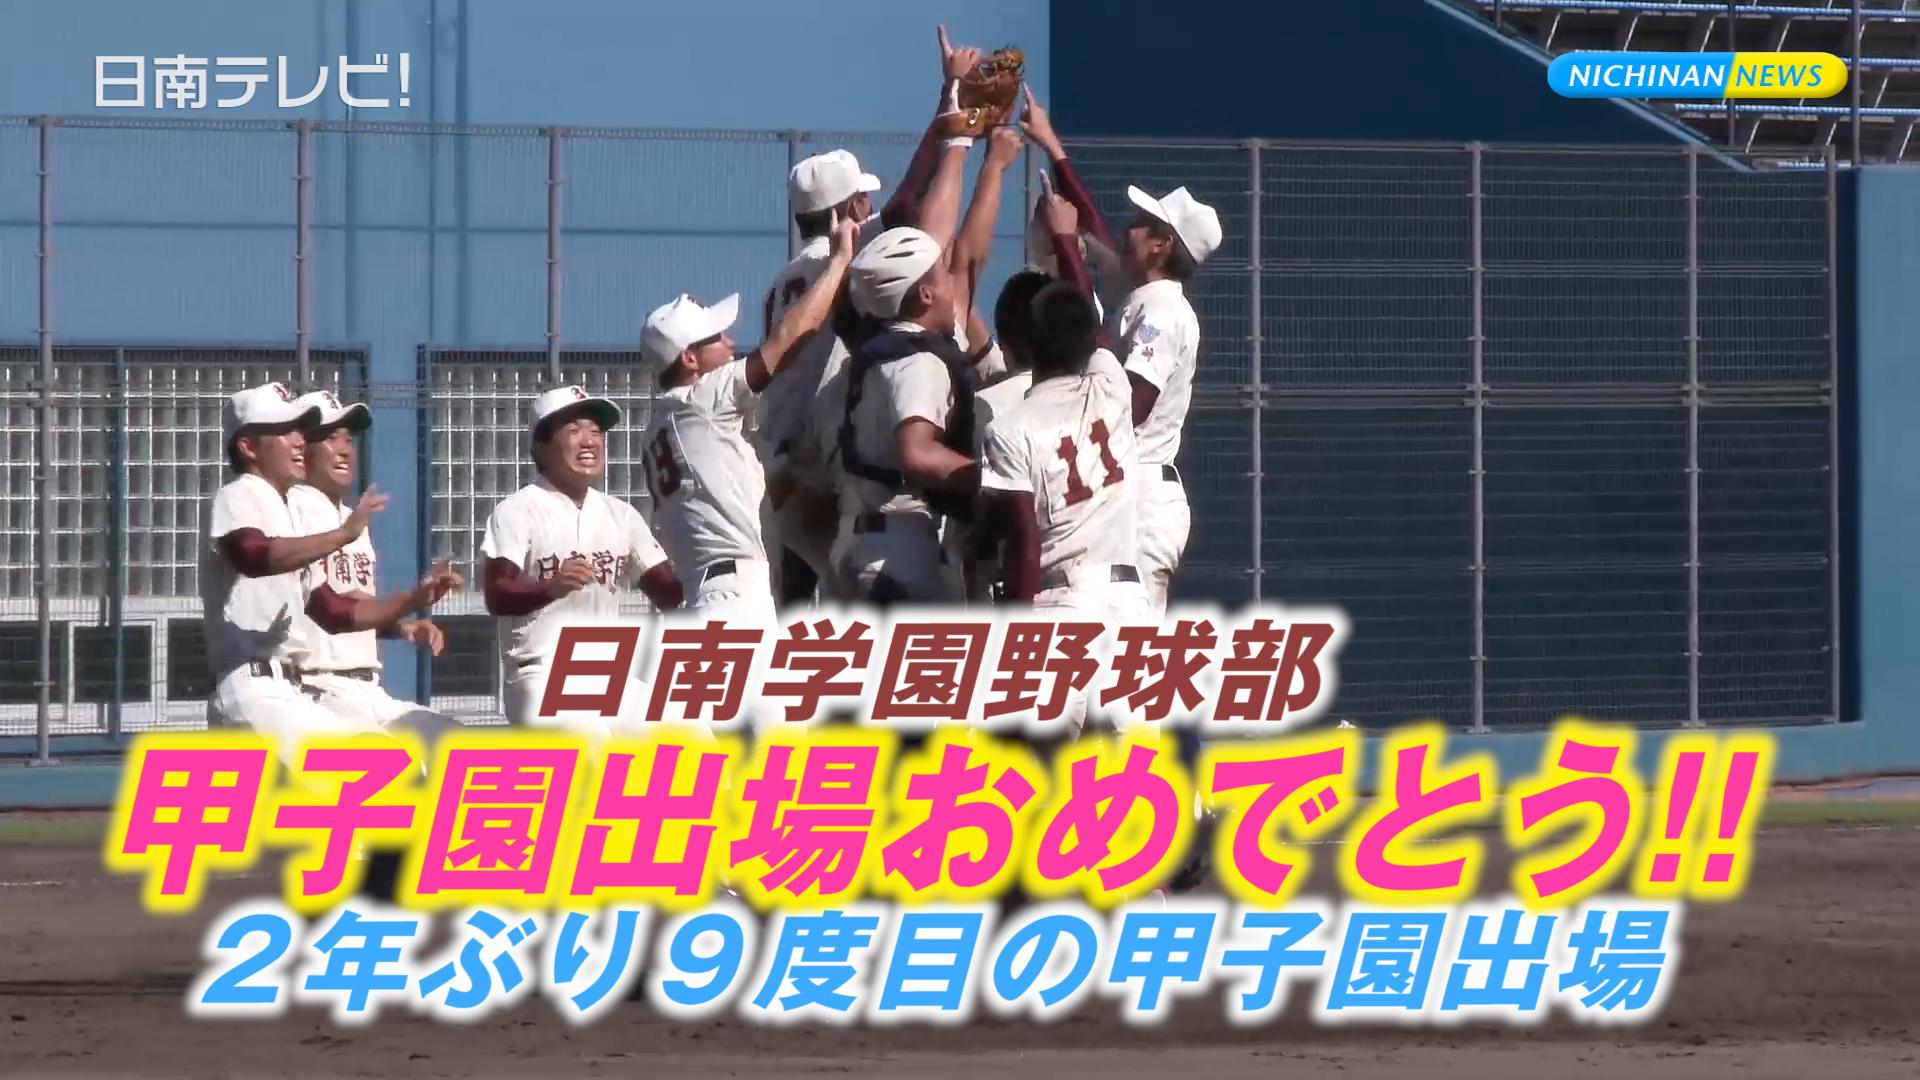 日南学園 2年ぶり9度目甲子園出場!